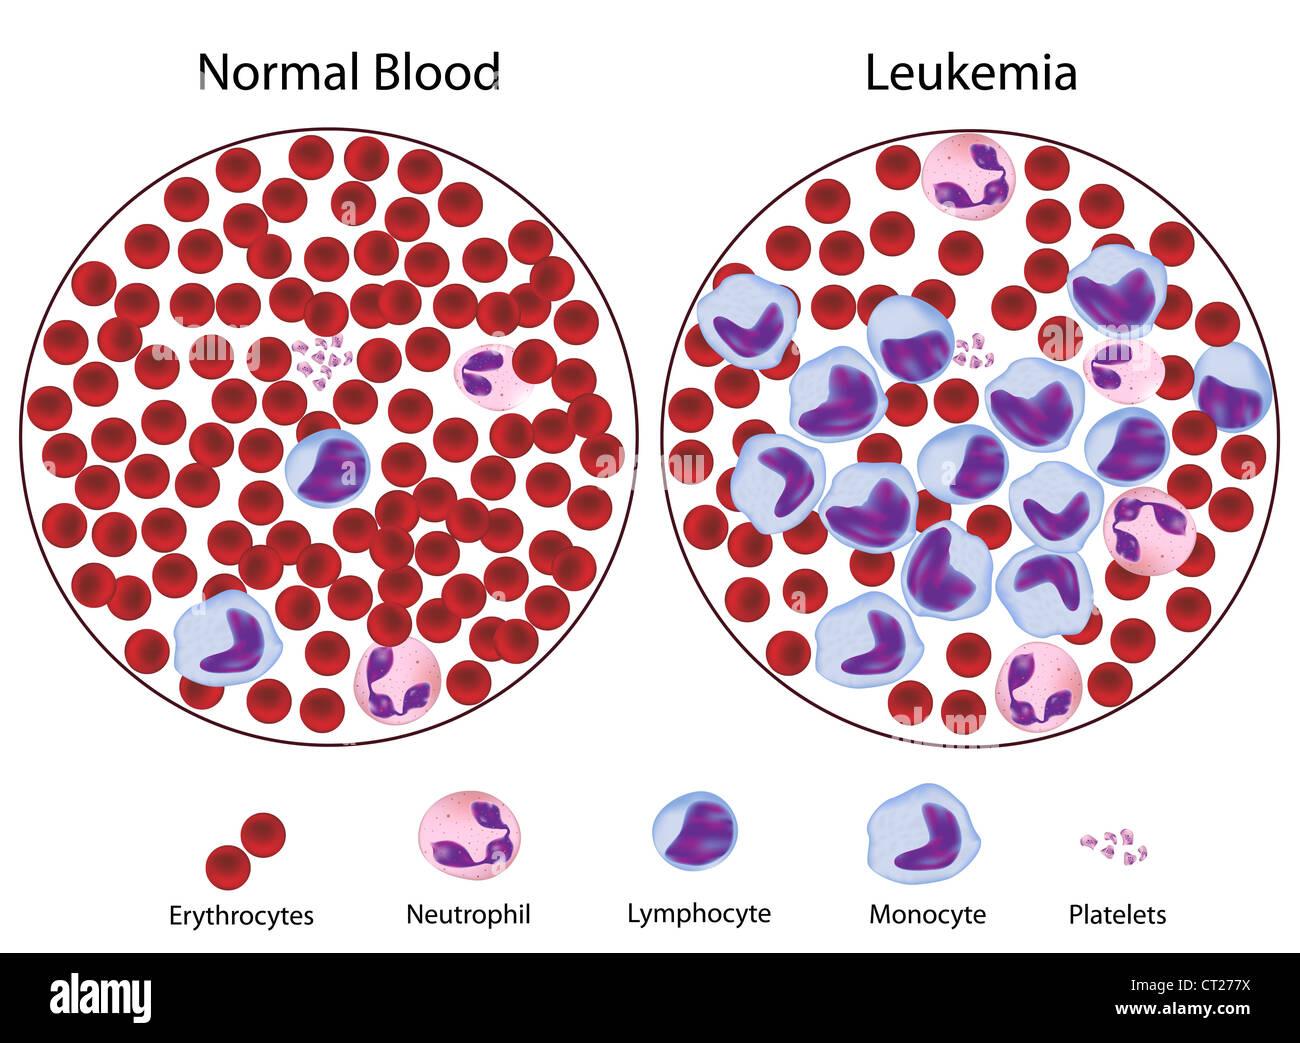 Leukemia versus normal blood - Stock Image